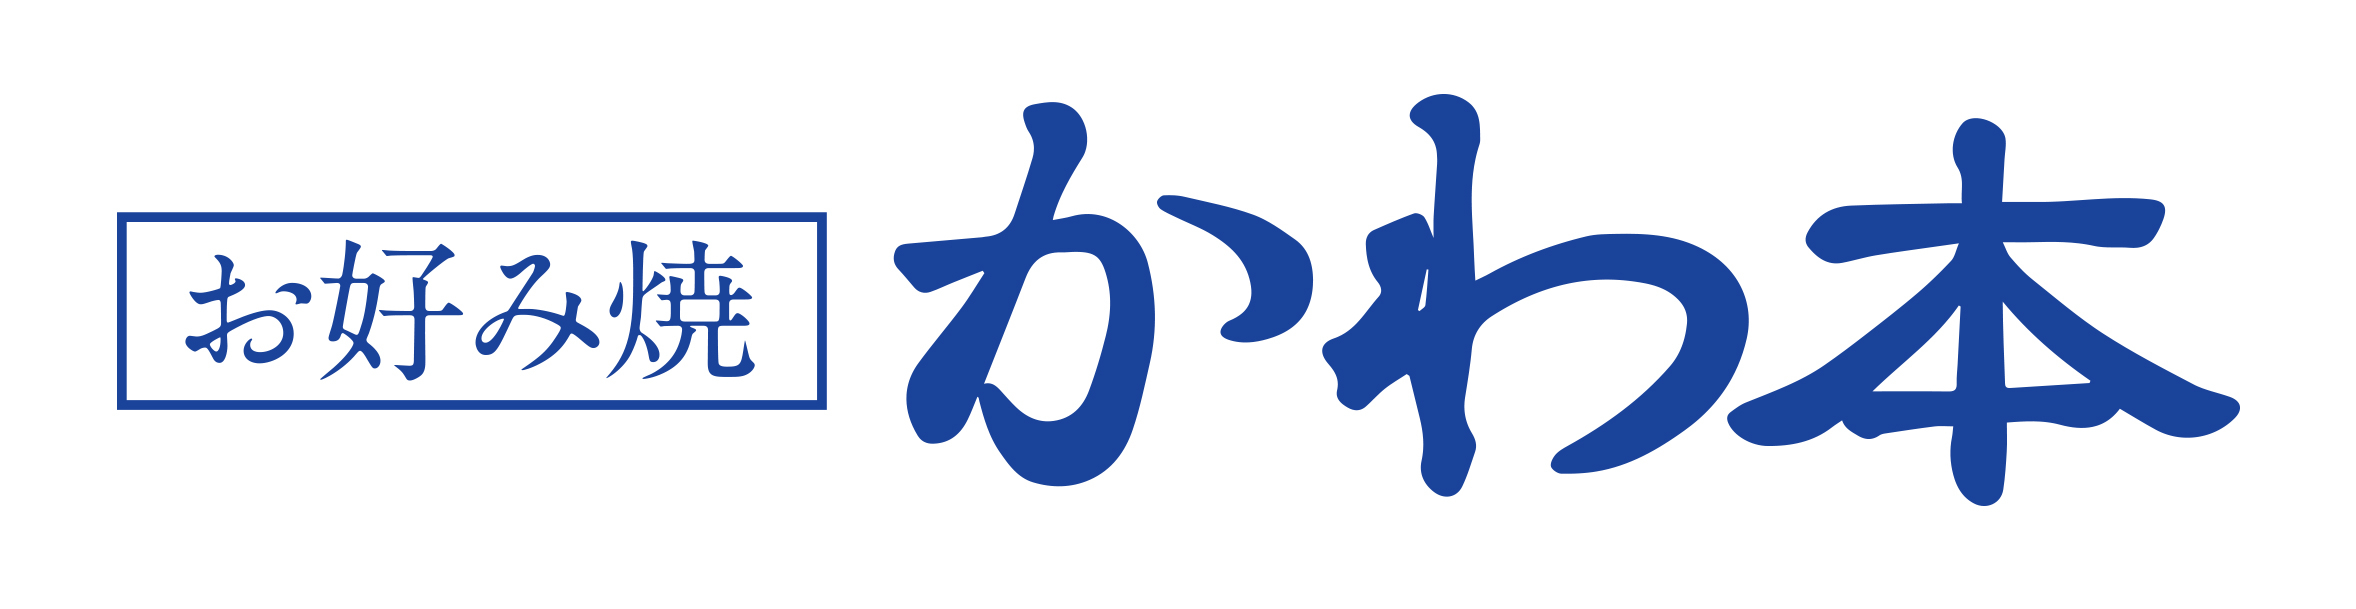 山口県内で8店舗を展開するお好み焼き店です